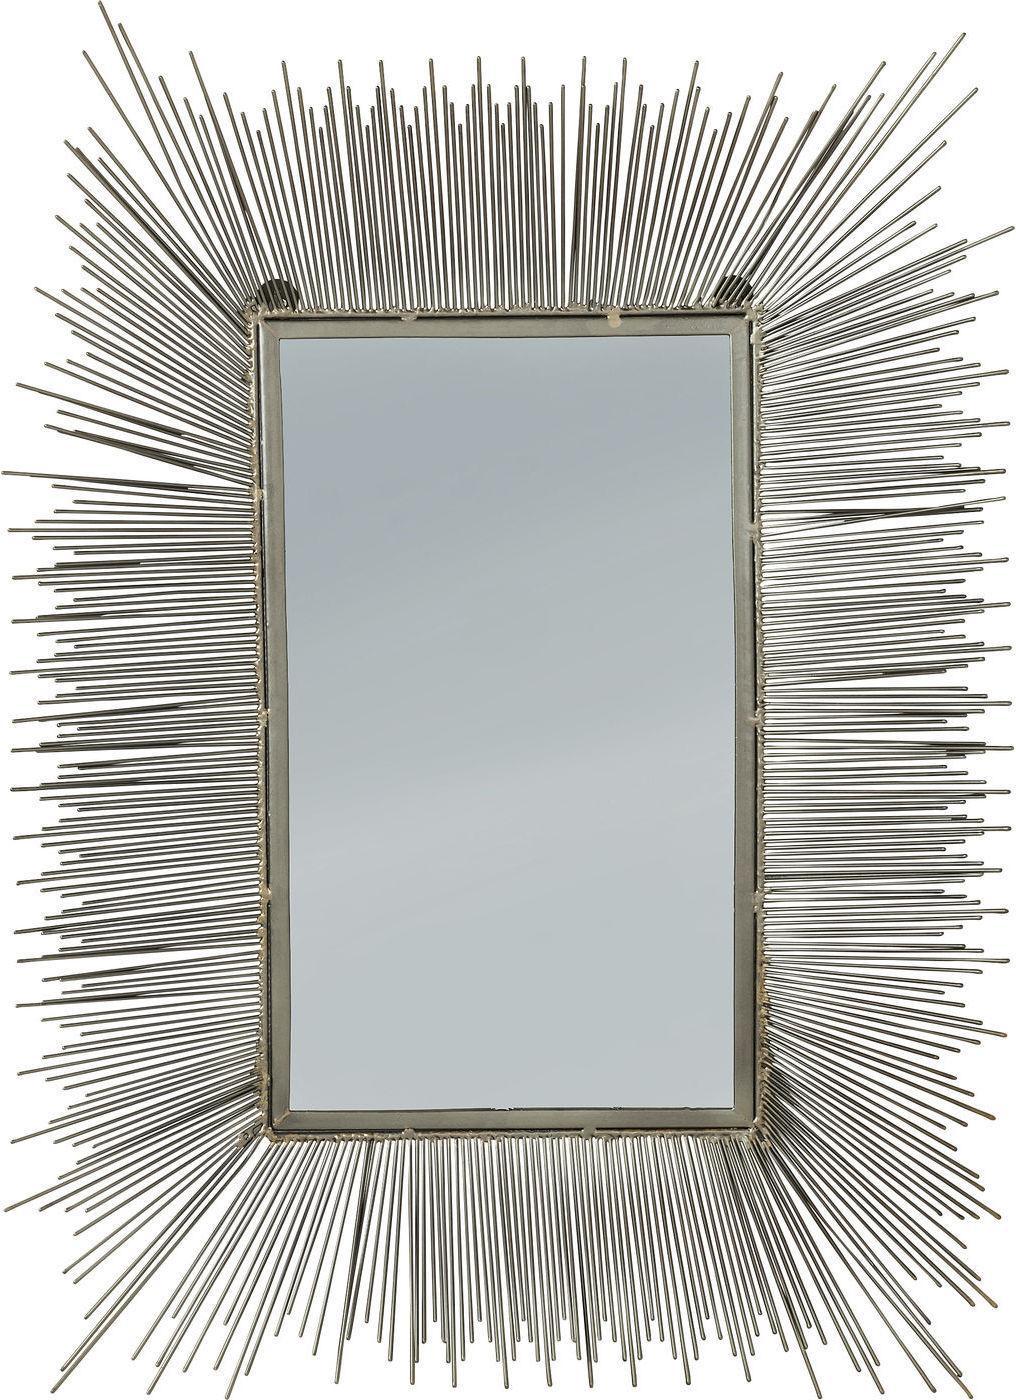 kare design spiegel wire radiation 80x60cm meubelen verlichting. Black Bedroom Furniture Sets. Home Design Ideas